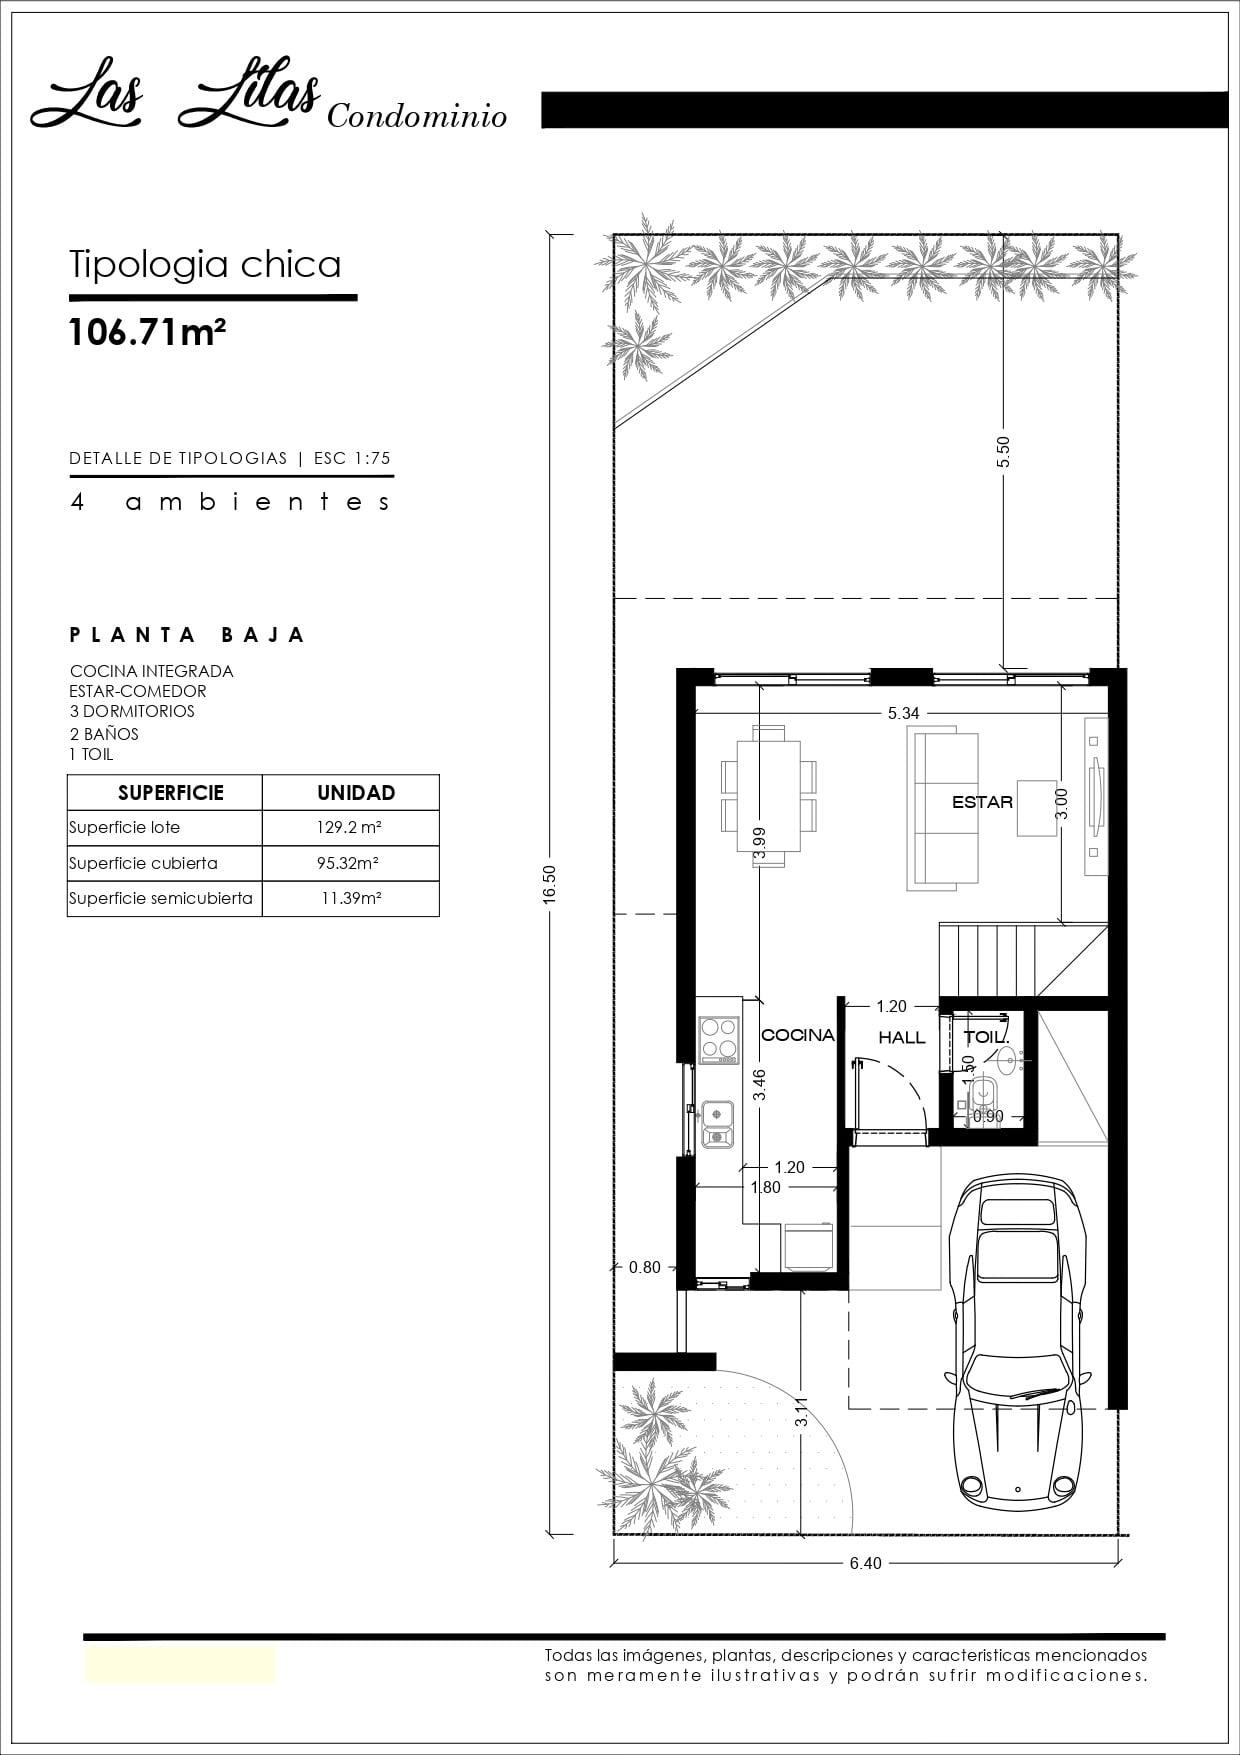 Las lillas condominio- Tipologia Chica - PB_page-0001.jpg